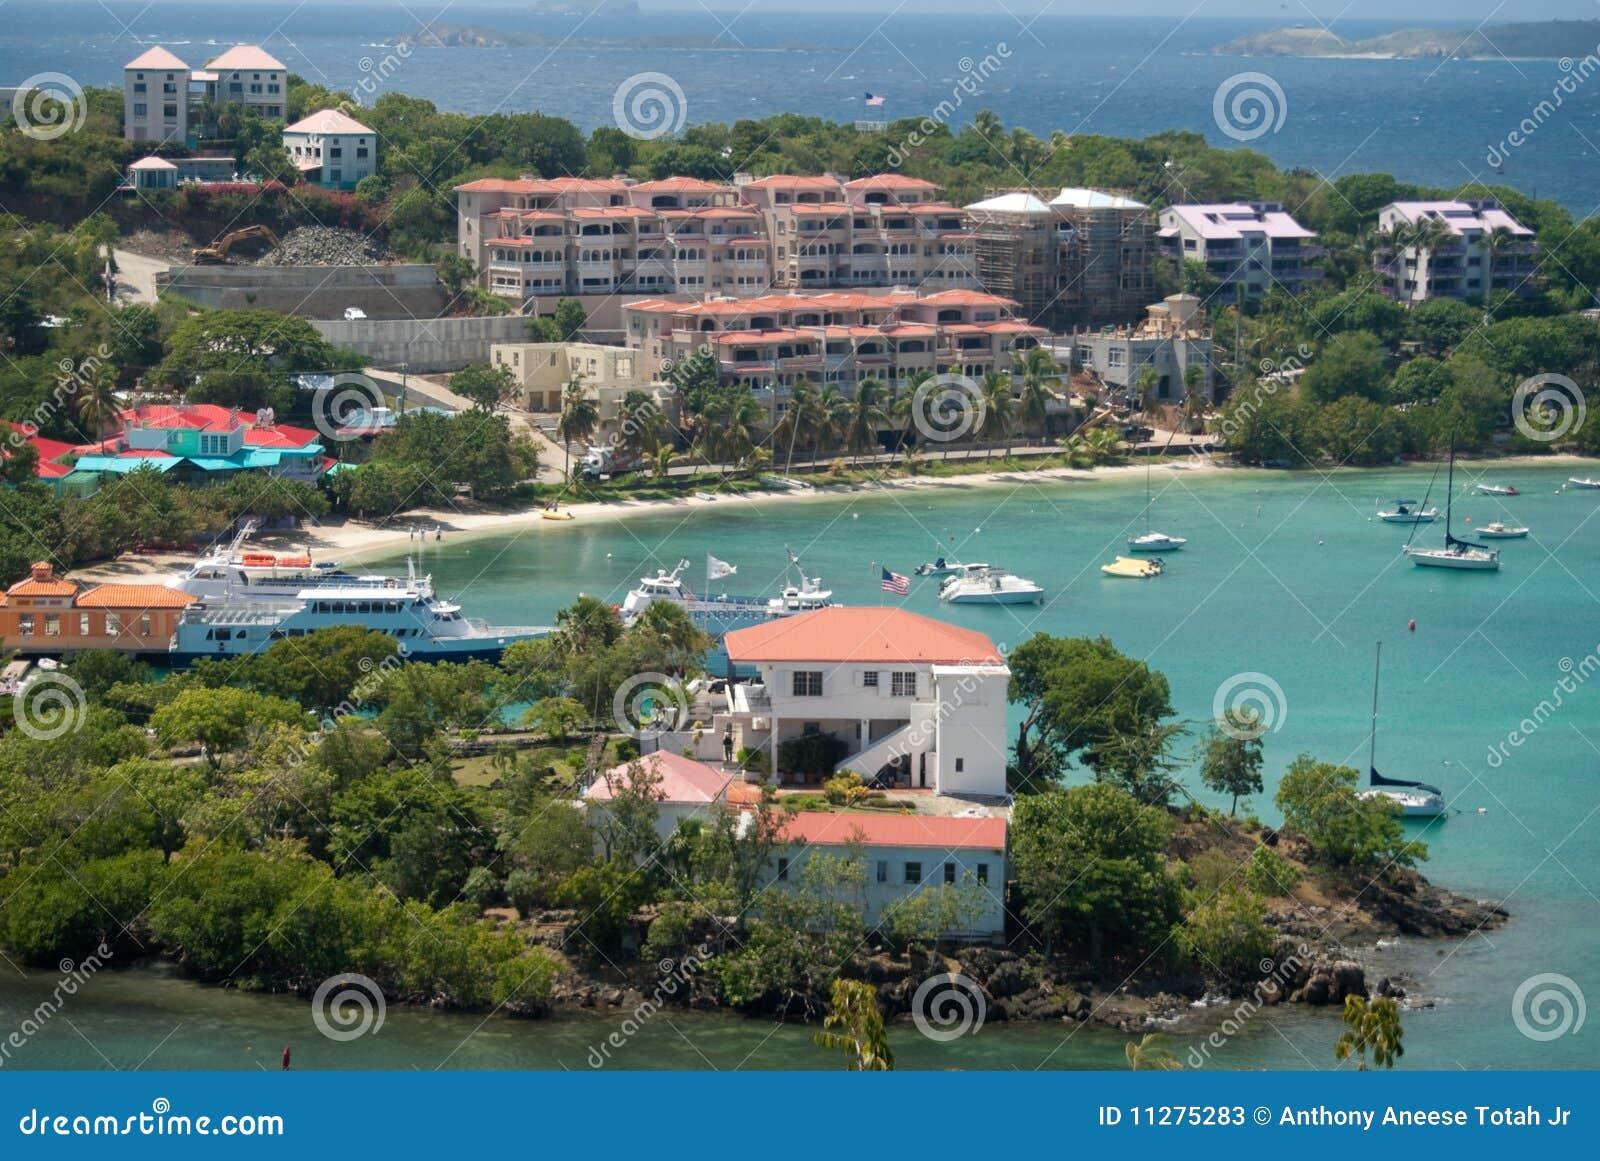 Us District Virgin Islands